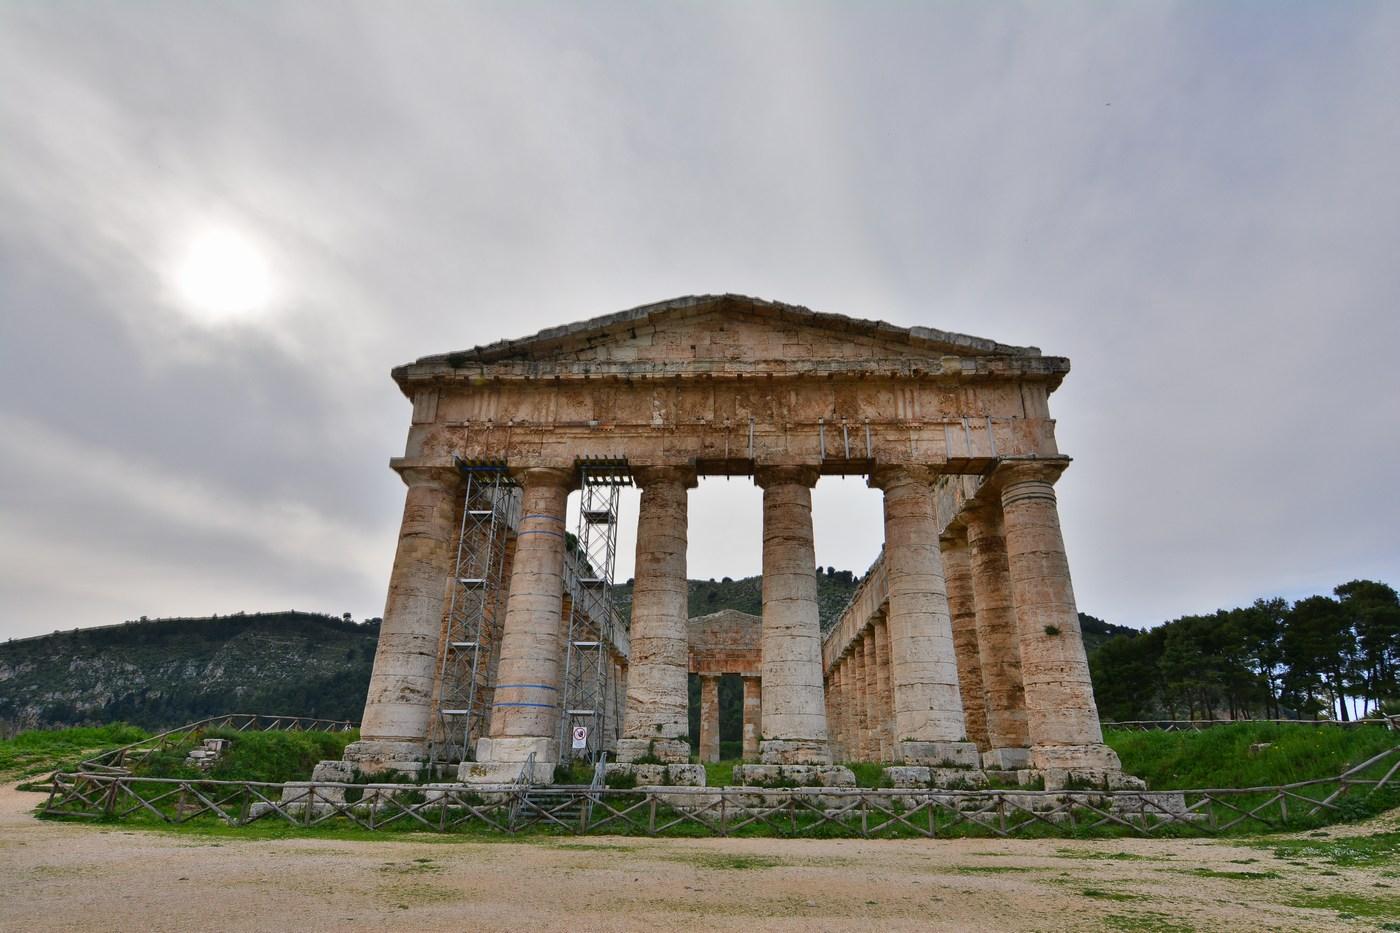 Façade du temple avec ses six colonnes doriques.